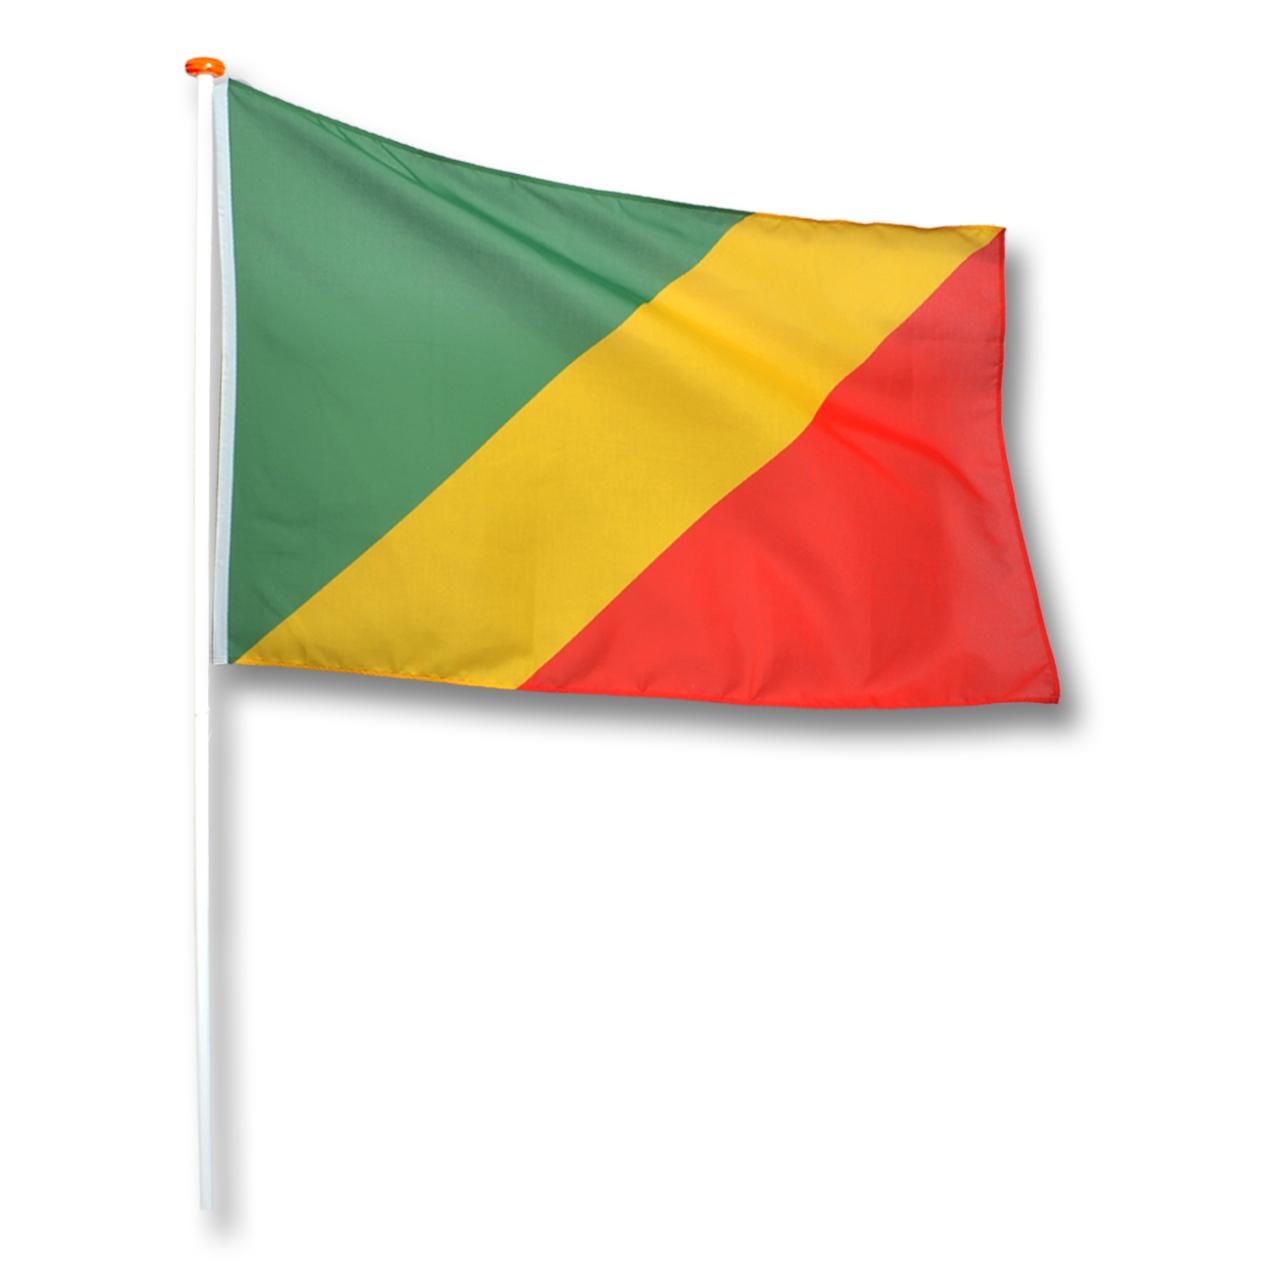 Vlag Congo (Brazzaville)